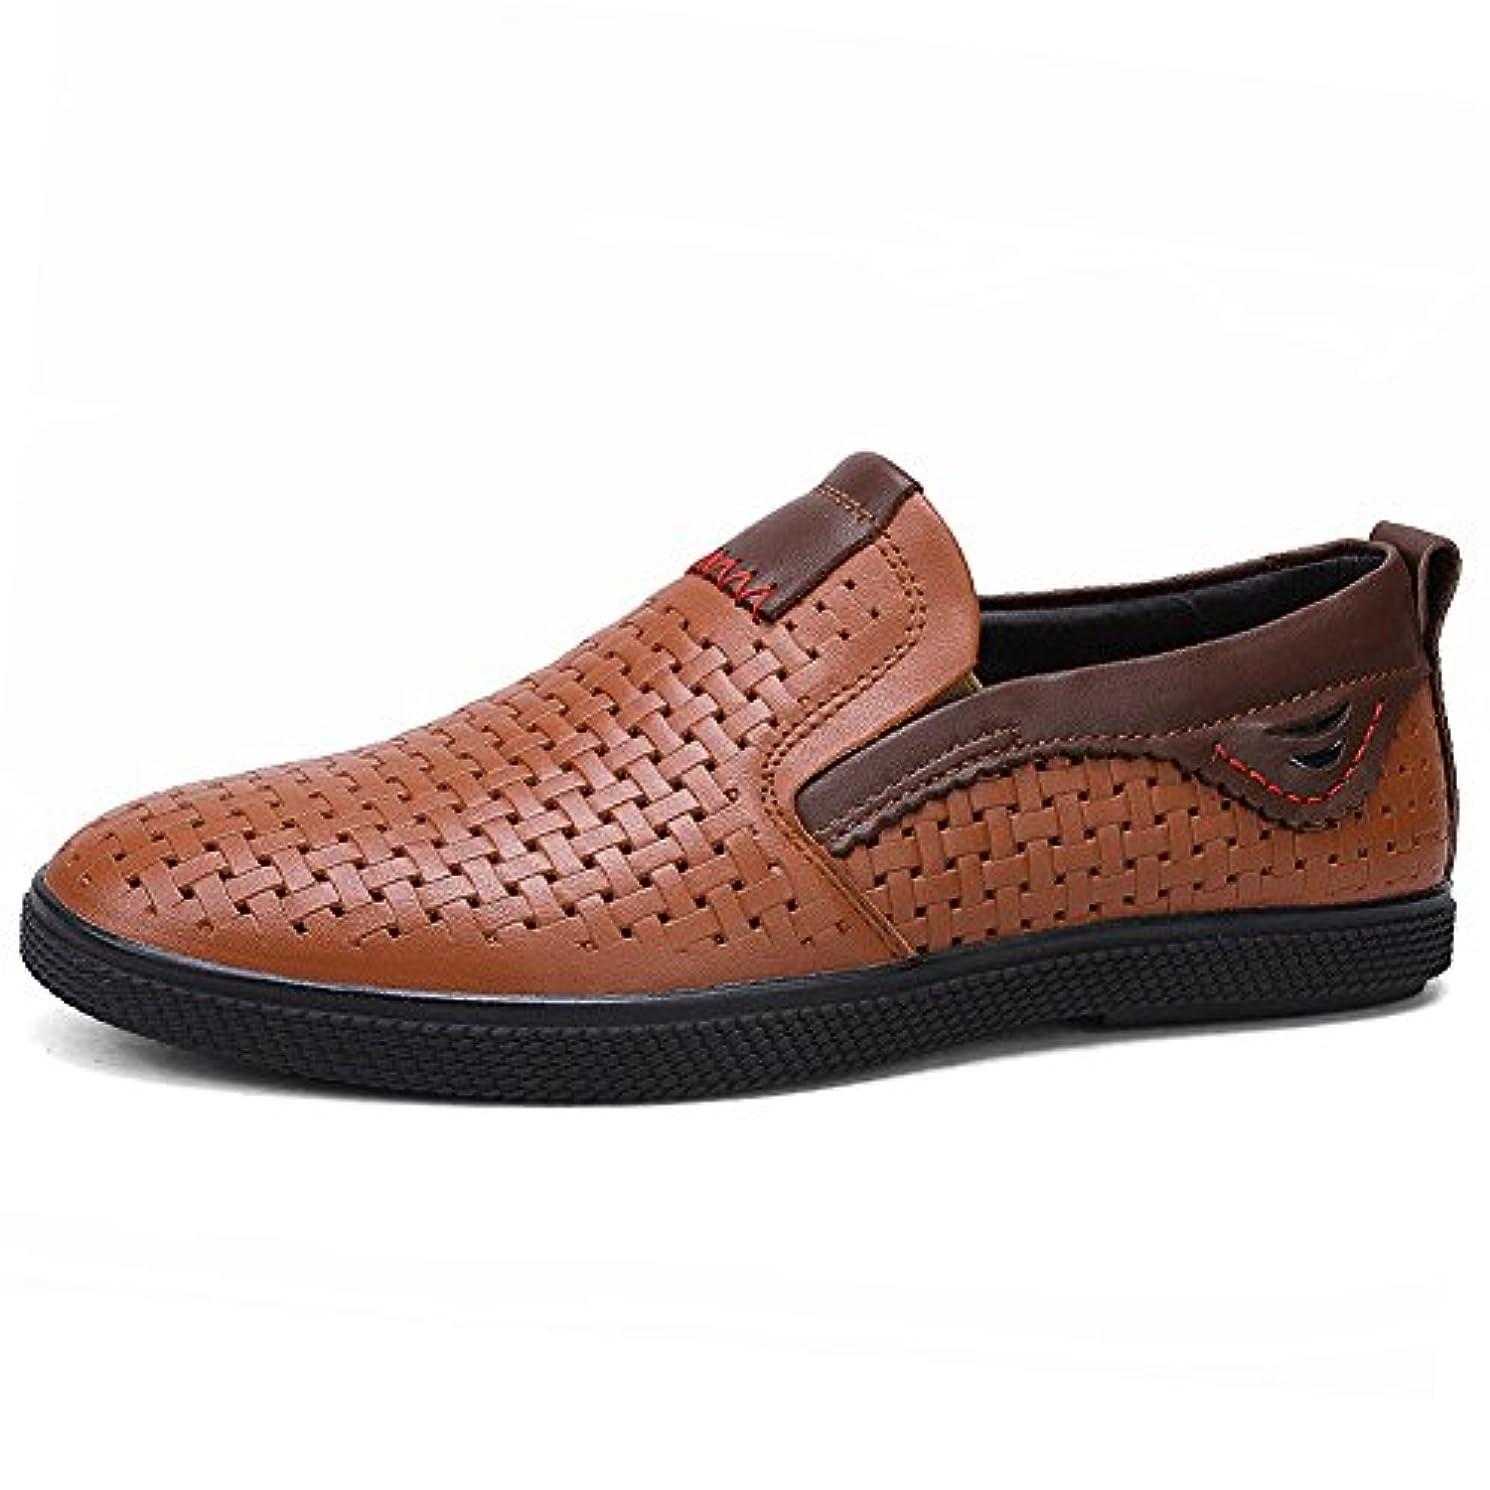 甥ジョガーいたずらな[Easternstar] ビジネスシューズ メンズ Business Shoe Mens 牛革 シンプル パンチング ローカット ビジネス カジュアル